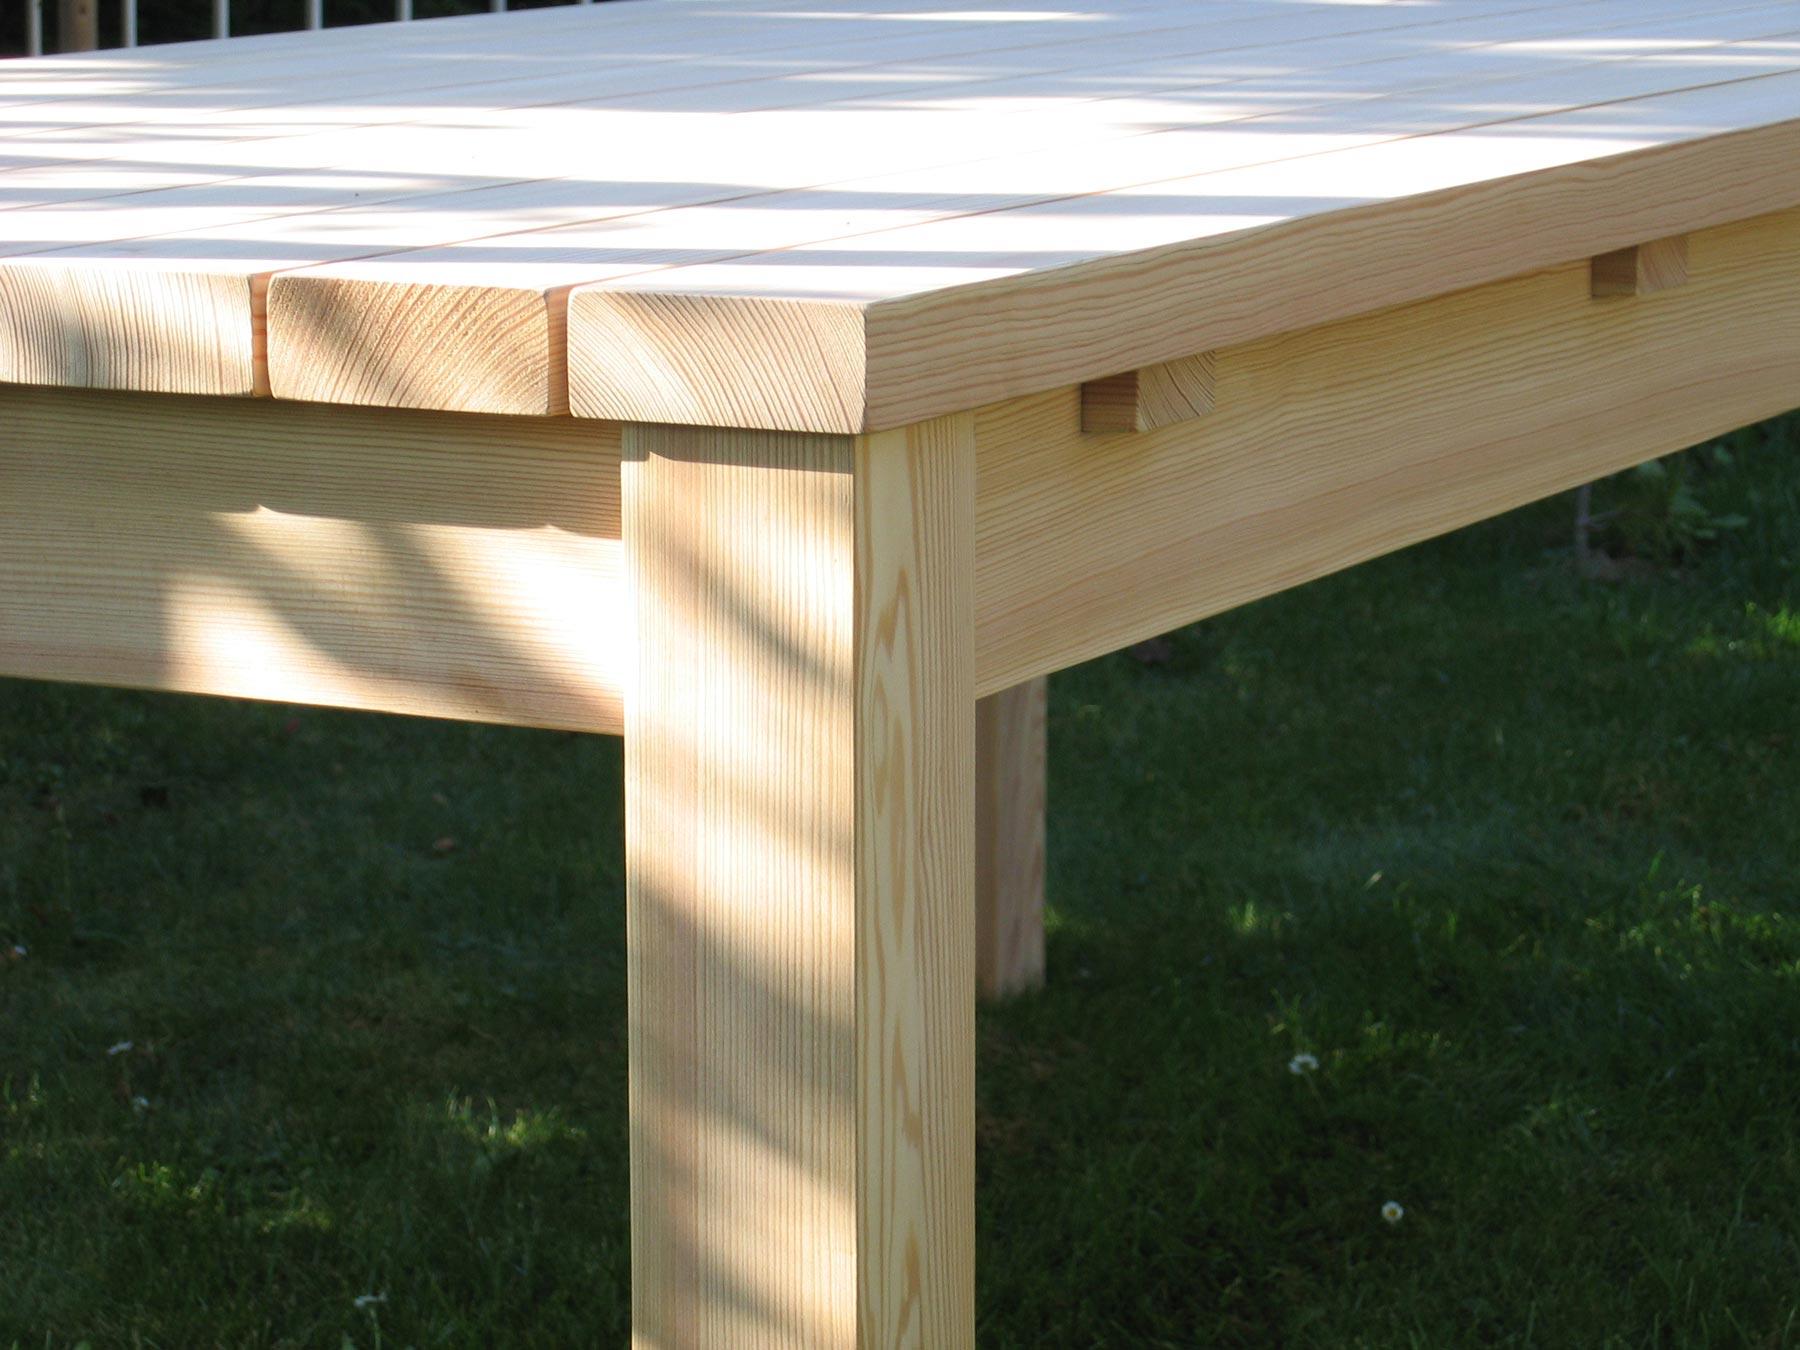 Gartentisch In Lärche Massivholz Tisch Für Den Garten In Massiver Lärche